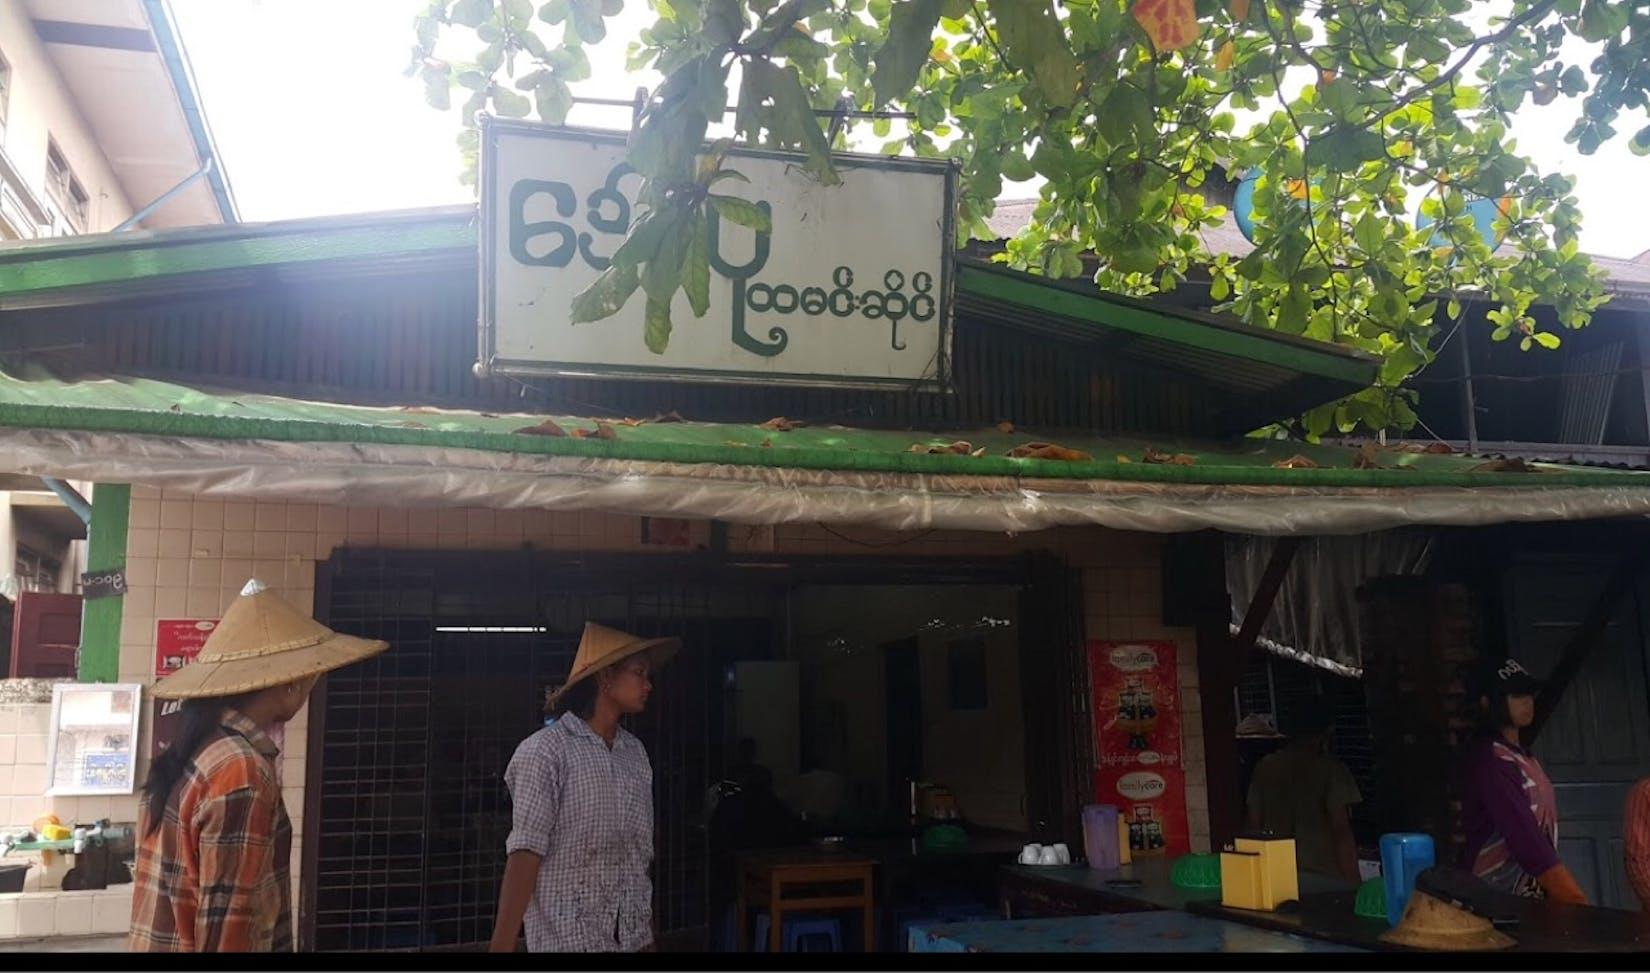 Daw Pu Myanmar Restaurant | yathar